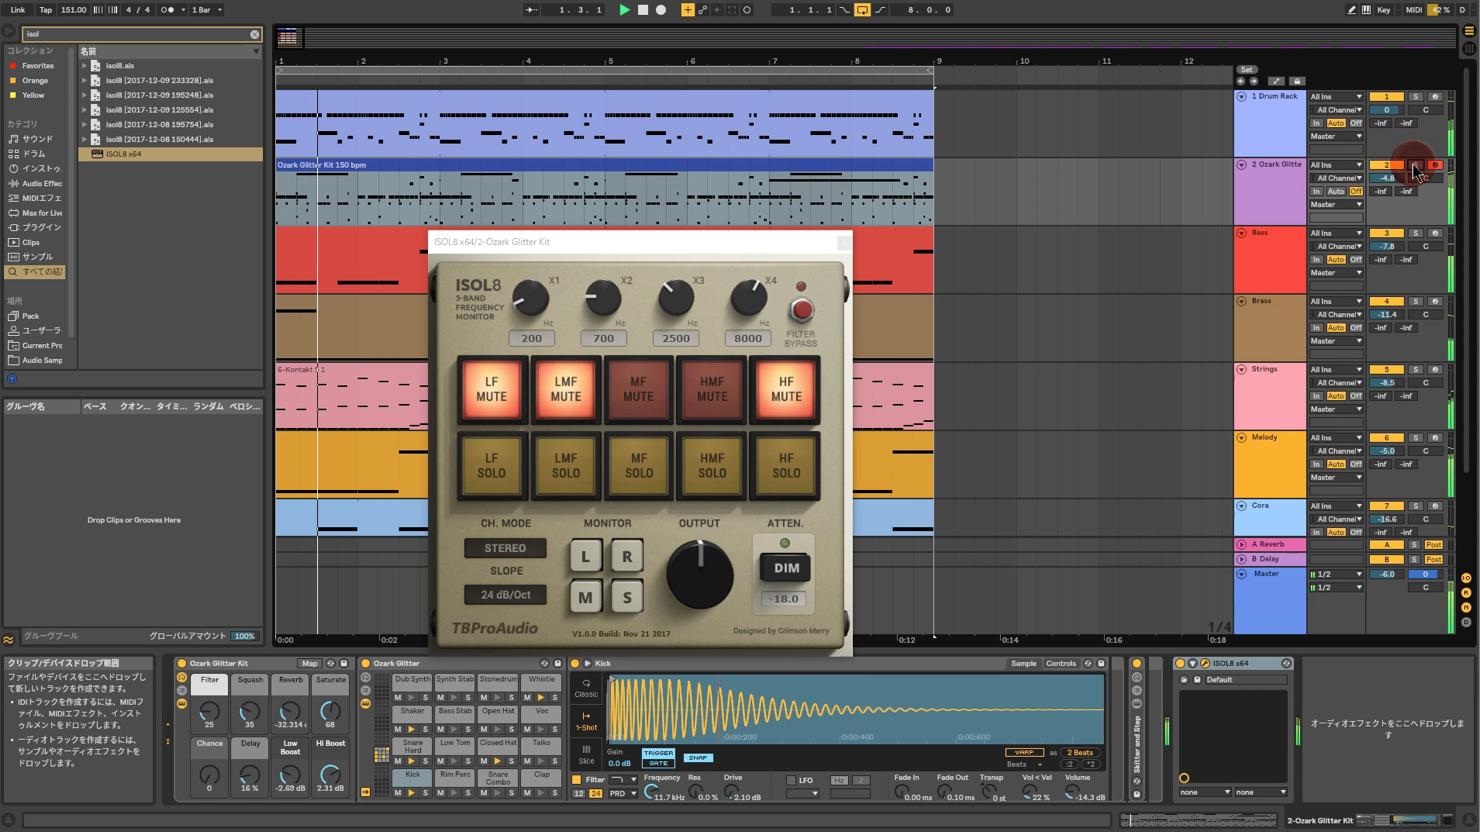 TBProAudio-ISOL8-How-to-8